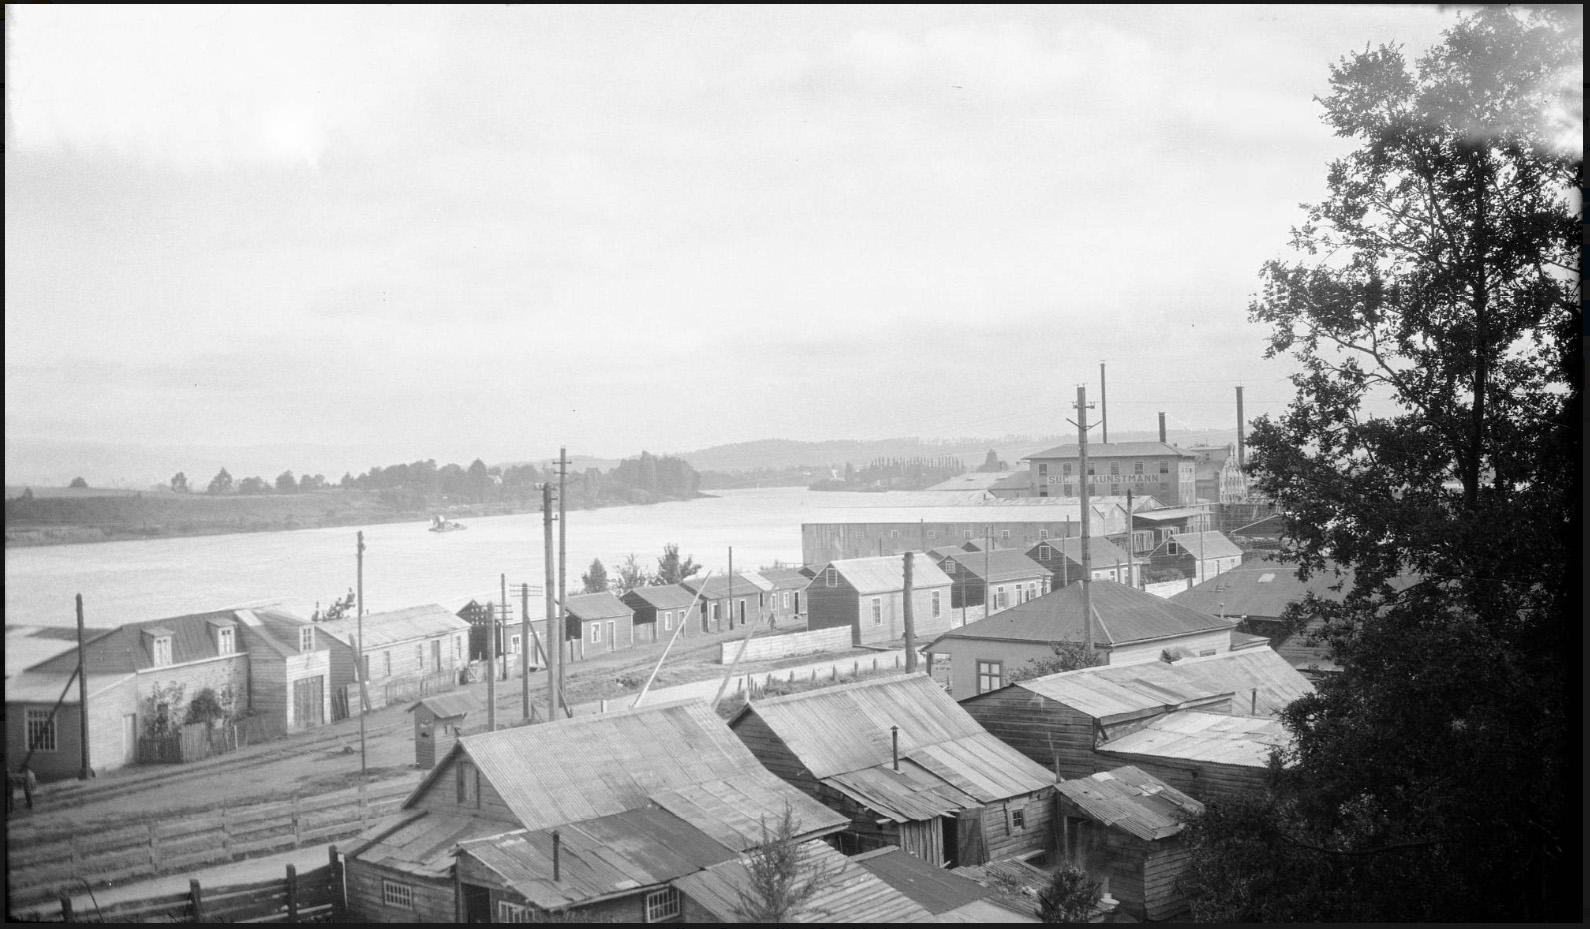 Enterreno - Fotos históricas de chile - fotos antiguas de Chile - Valdivia en 1930